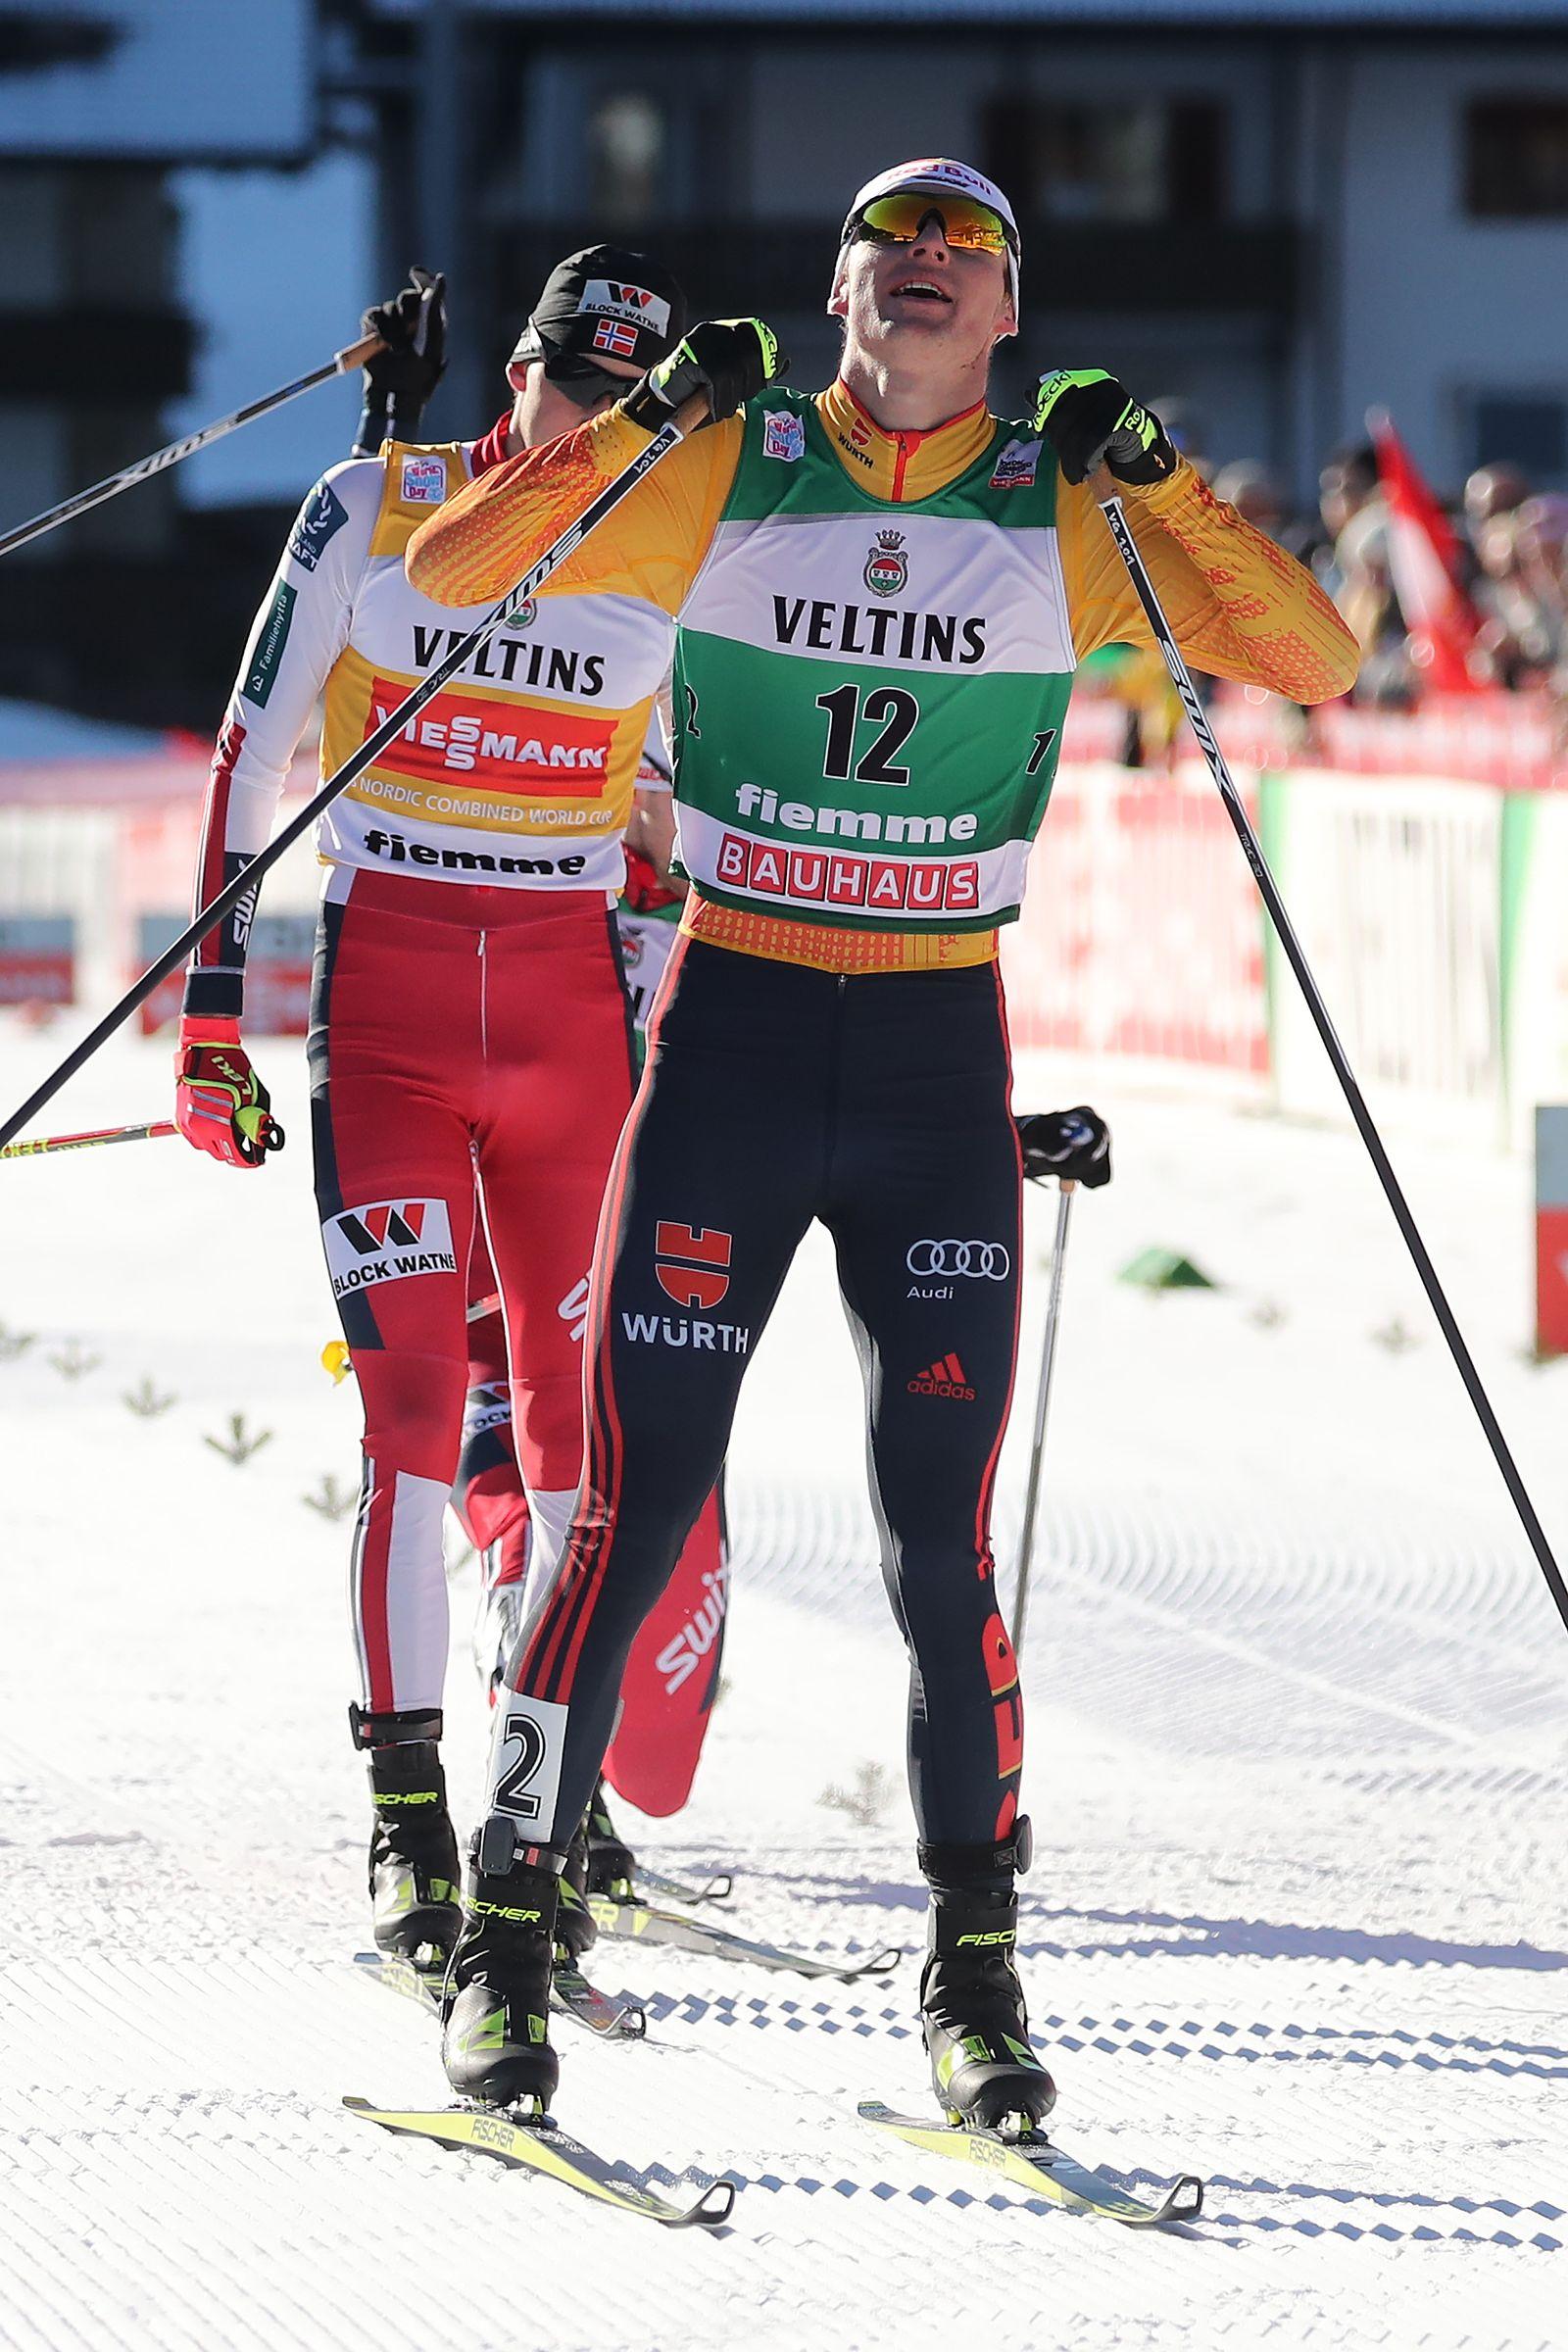 Nordic Combined World Cup in Val di Fiemme, Predazzo, Italy - 11 Jan 2020